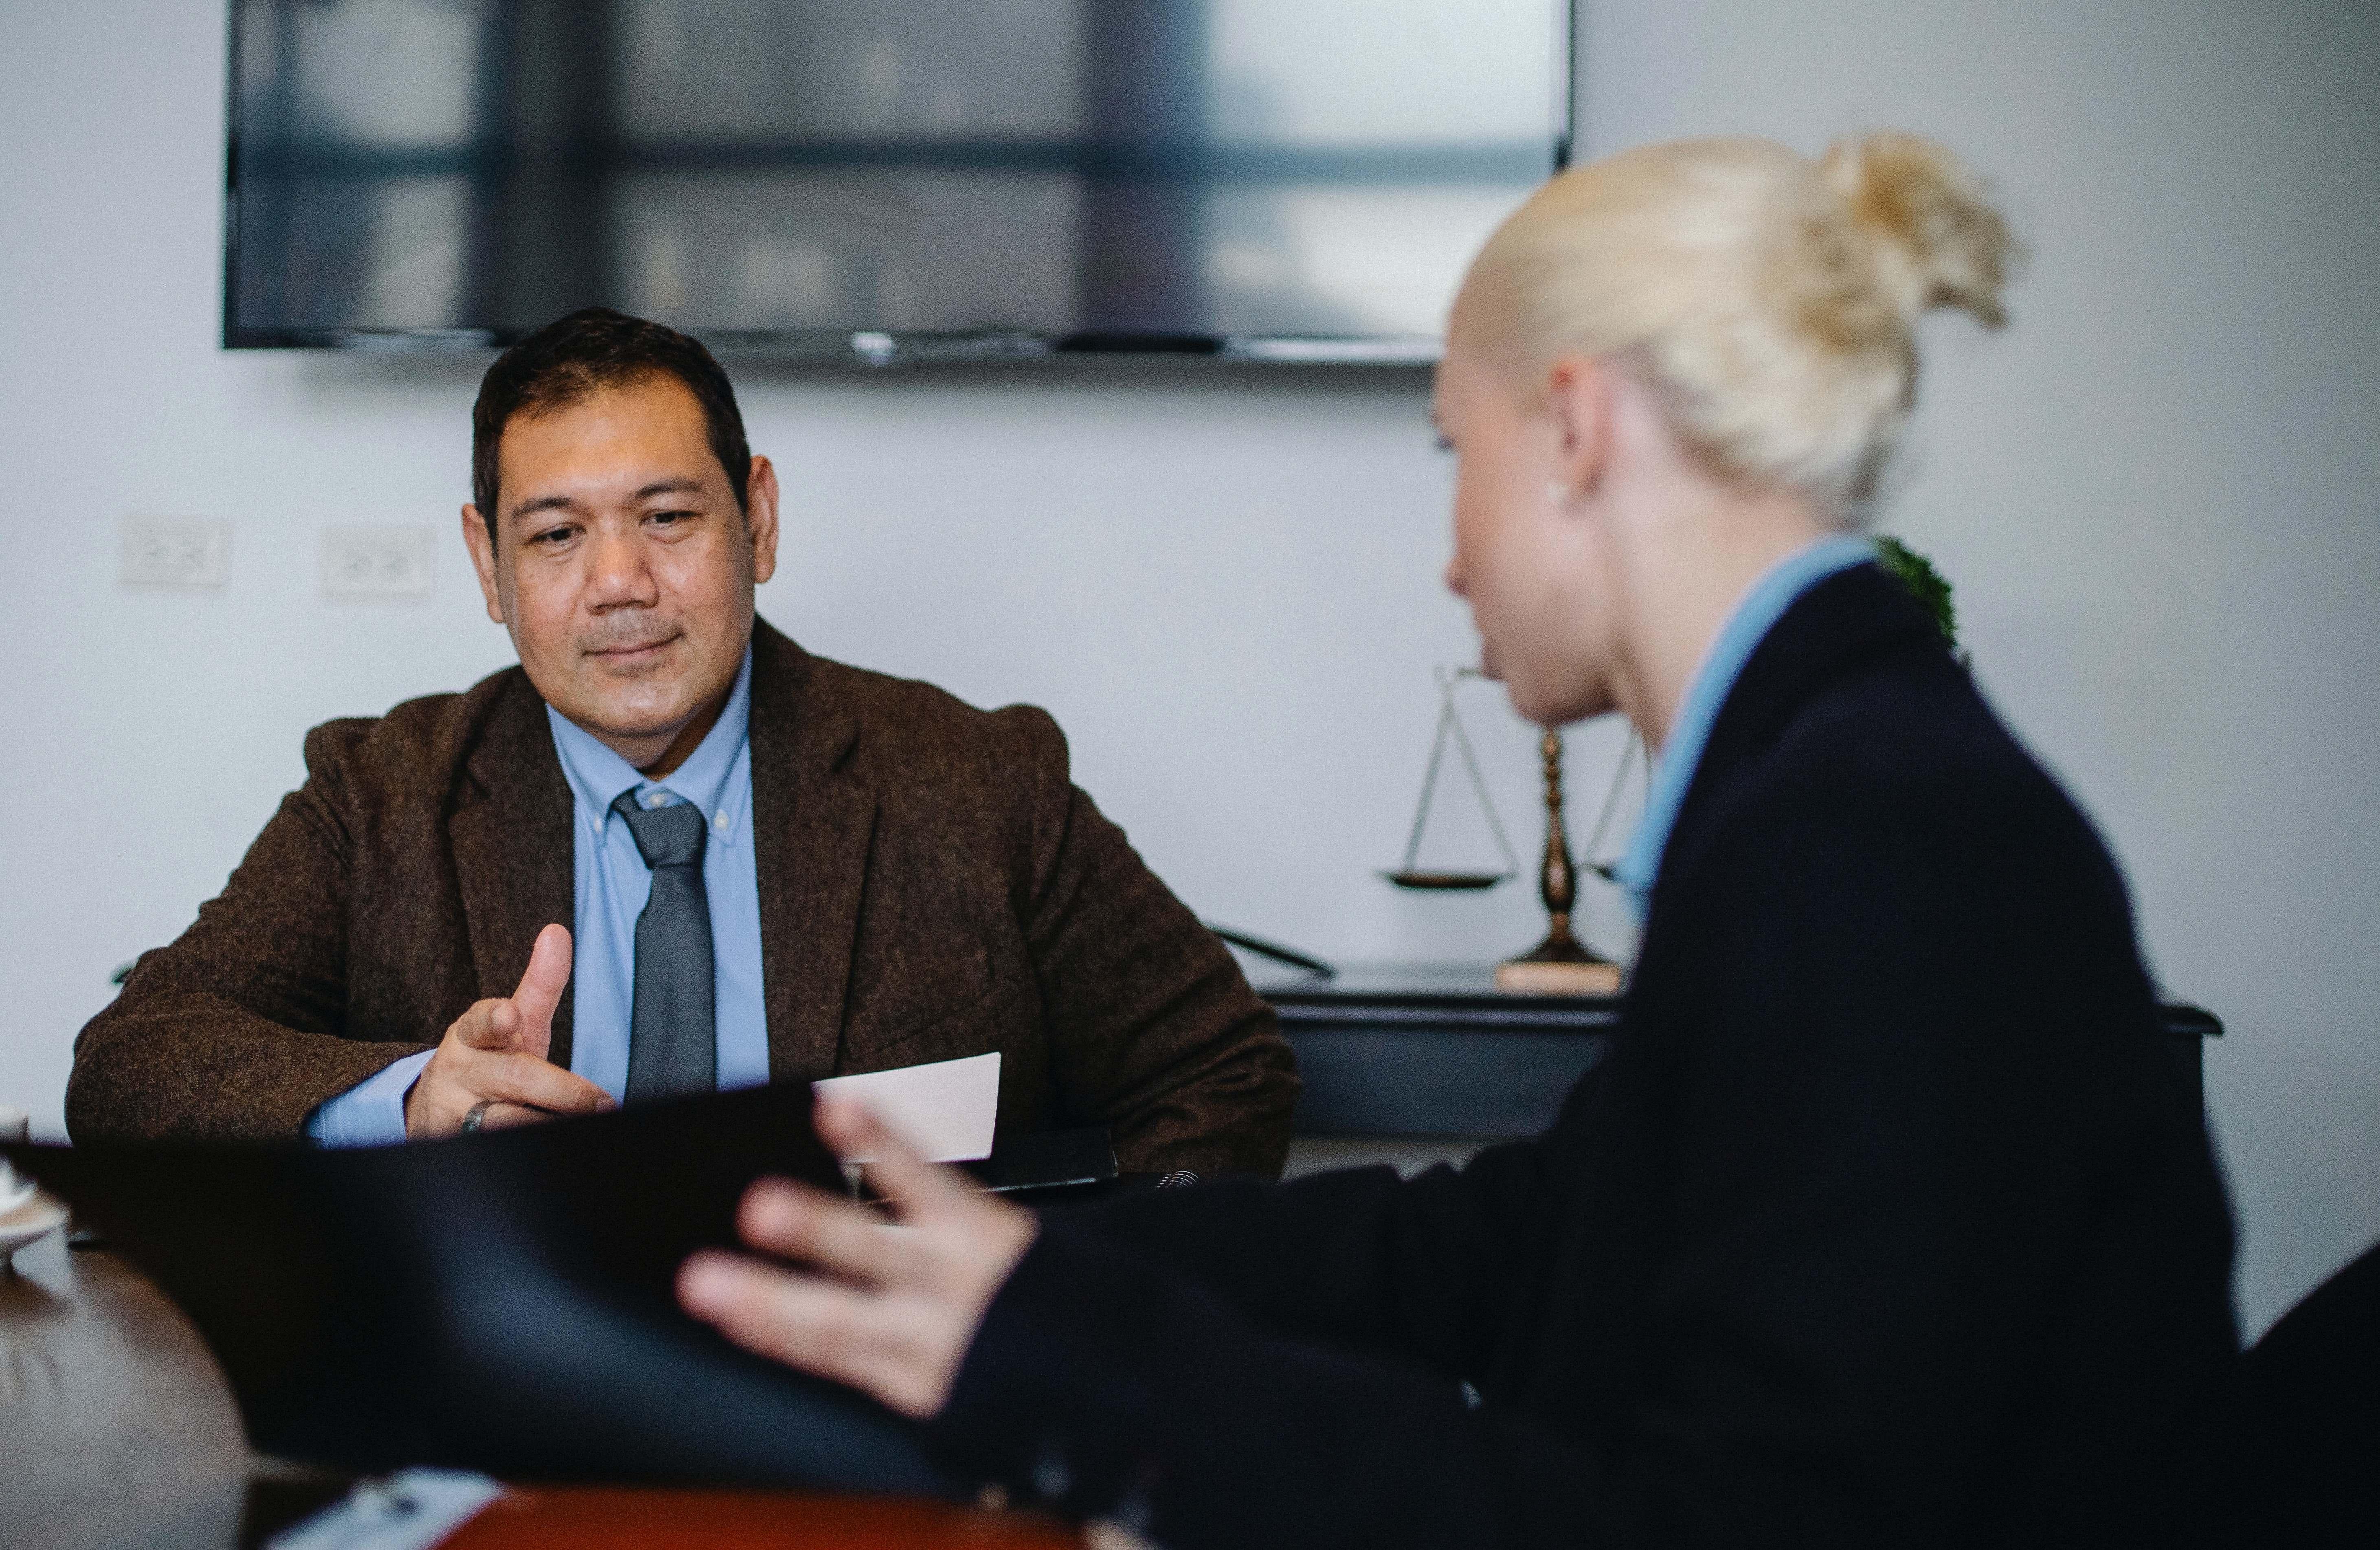 création d'entreprise business plan